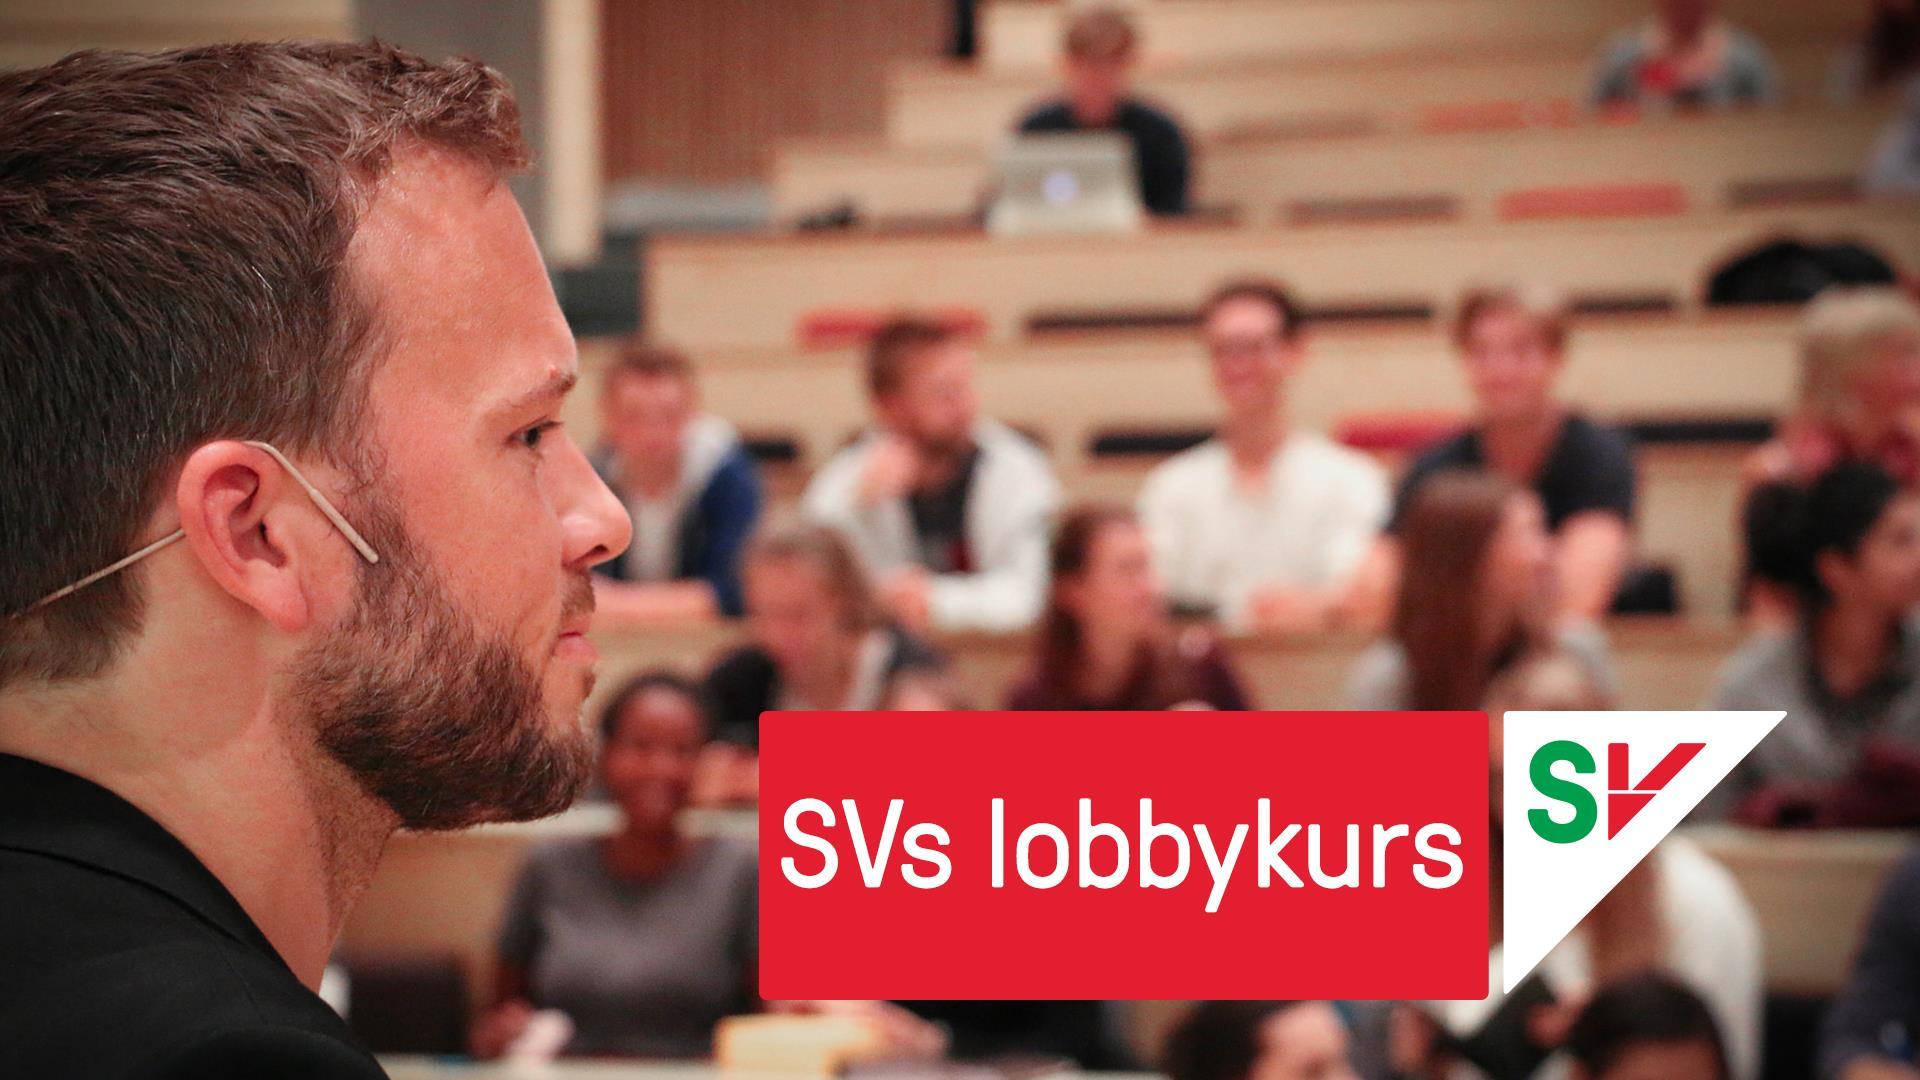 SVs lobbykurs. Audun Lysbakken forran forsamling. Grafikk over foto